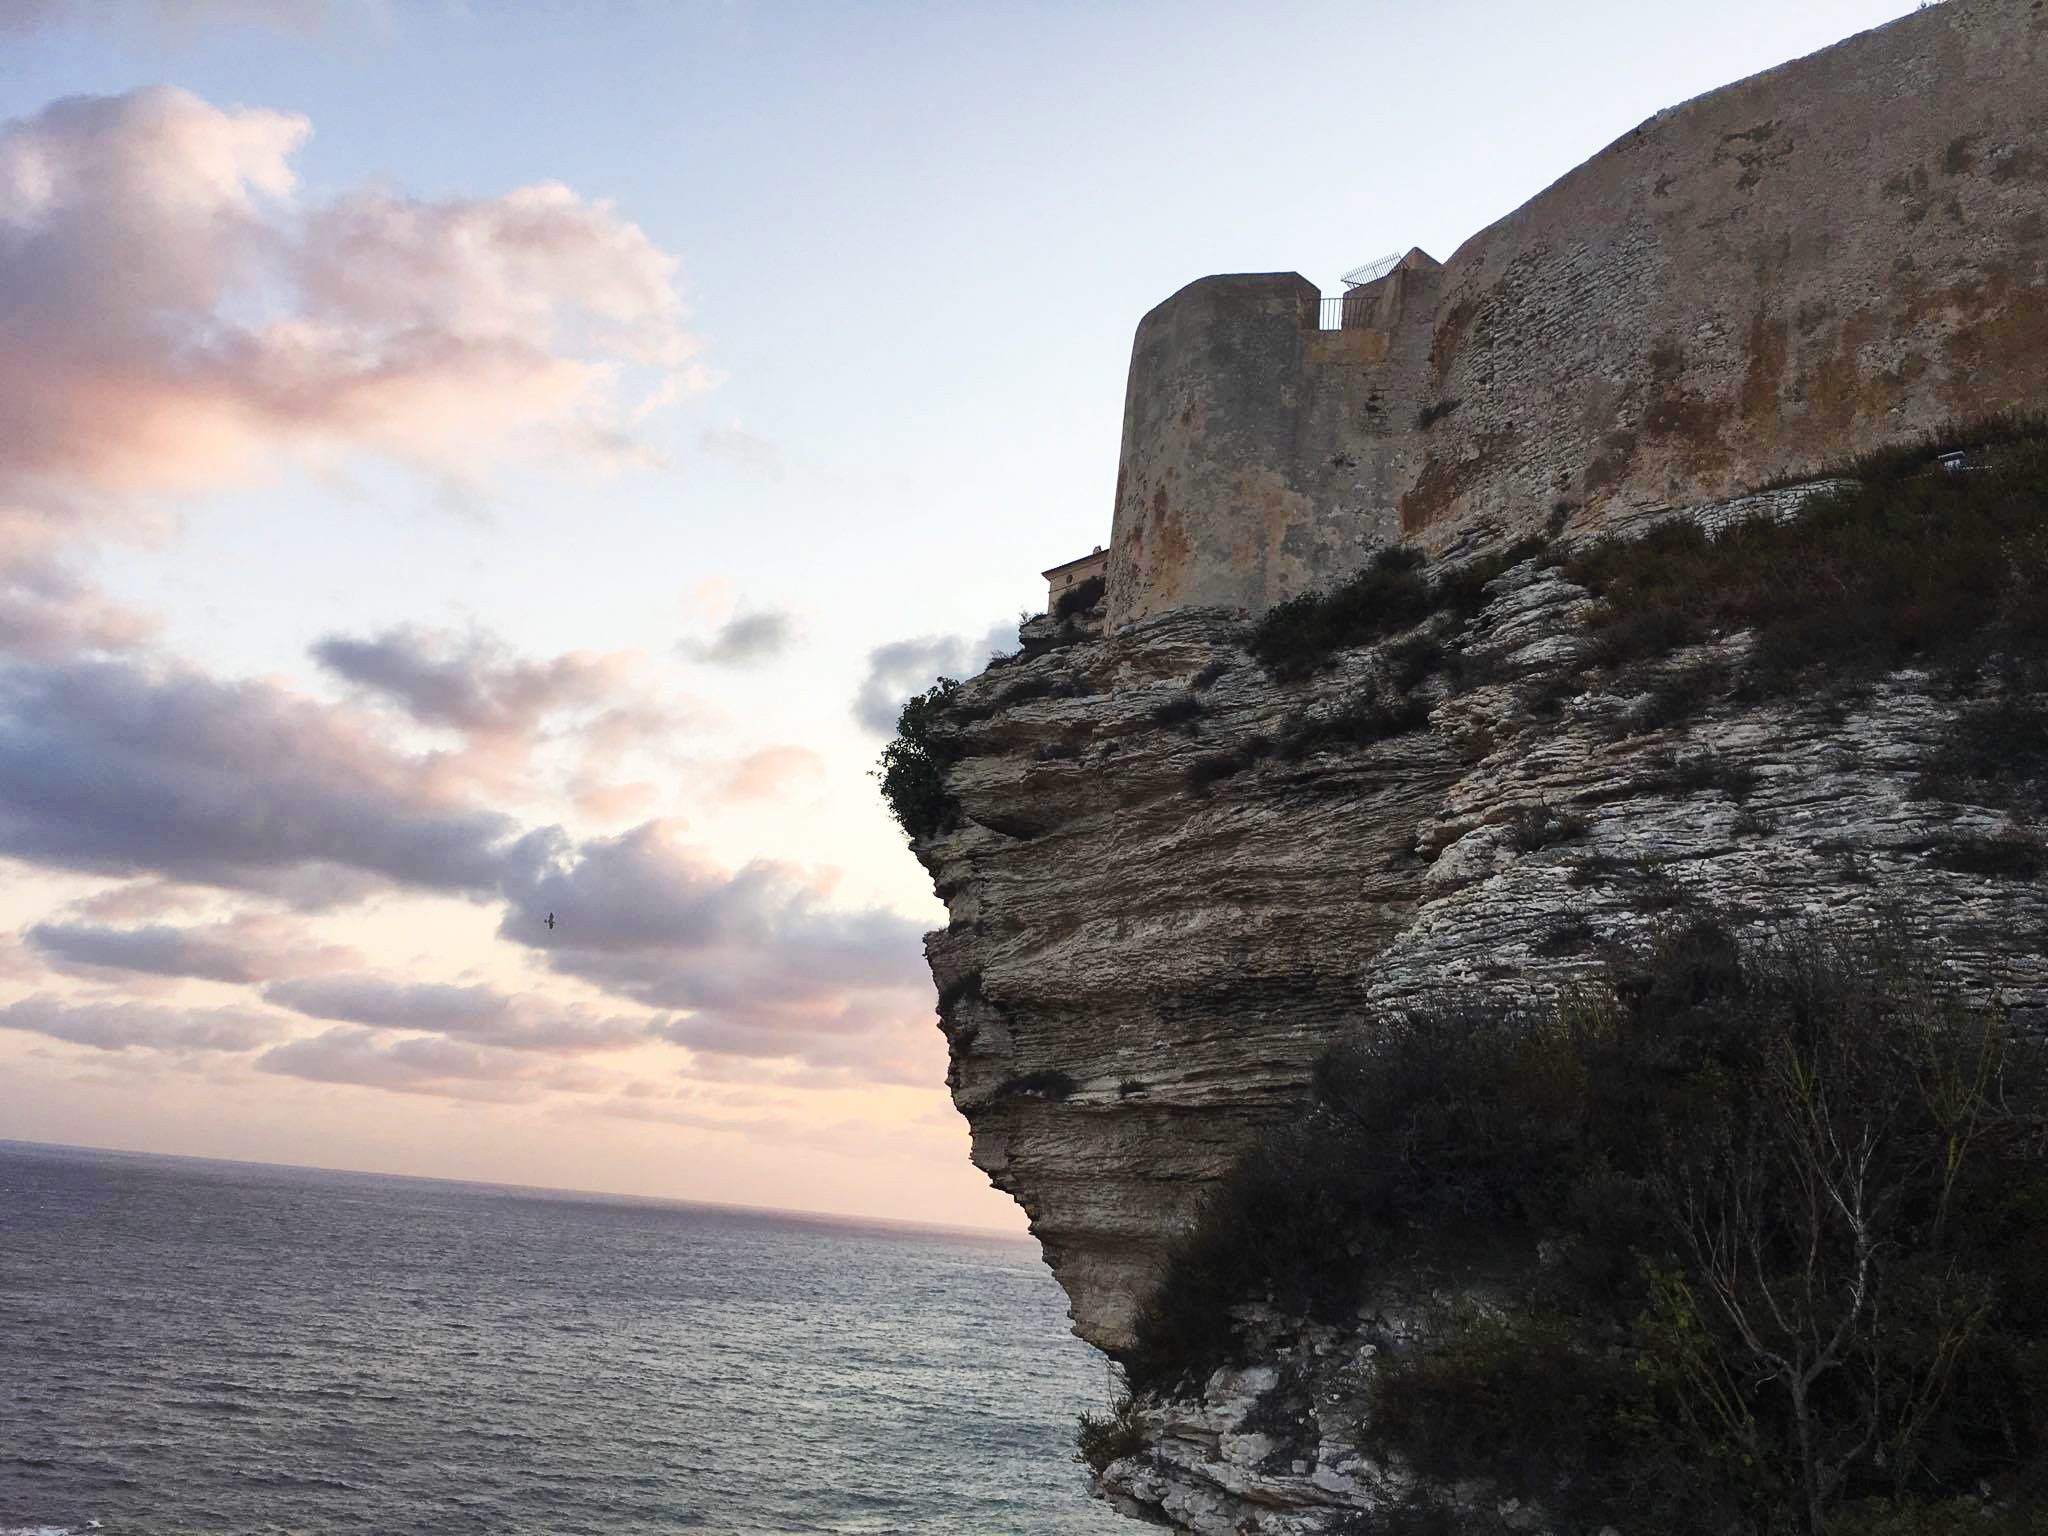 Bonifacio vue de la mer